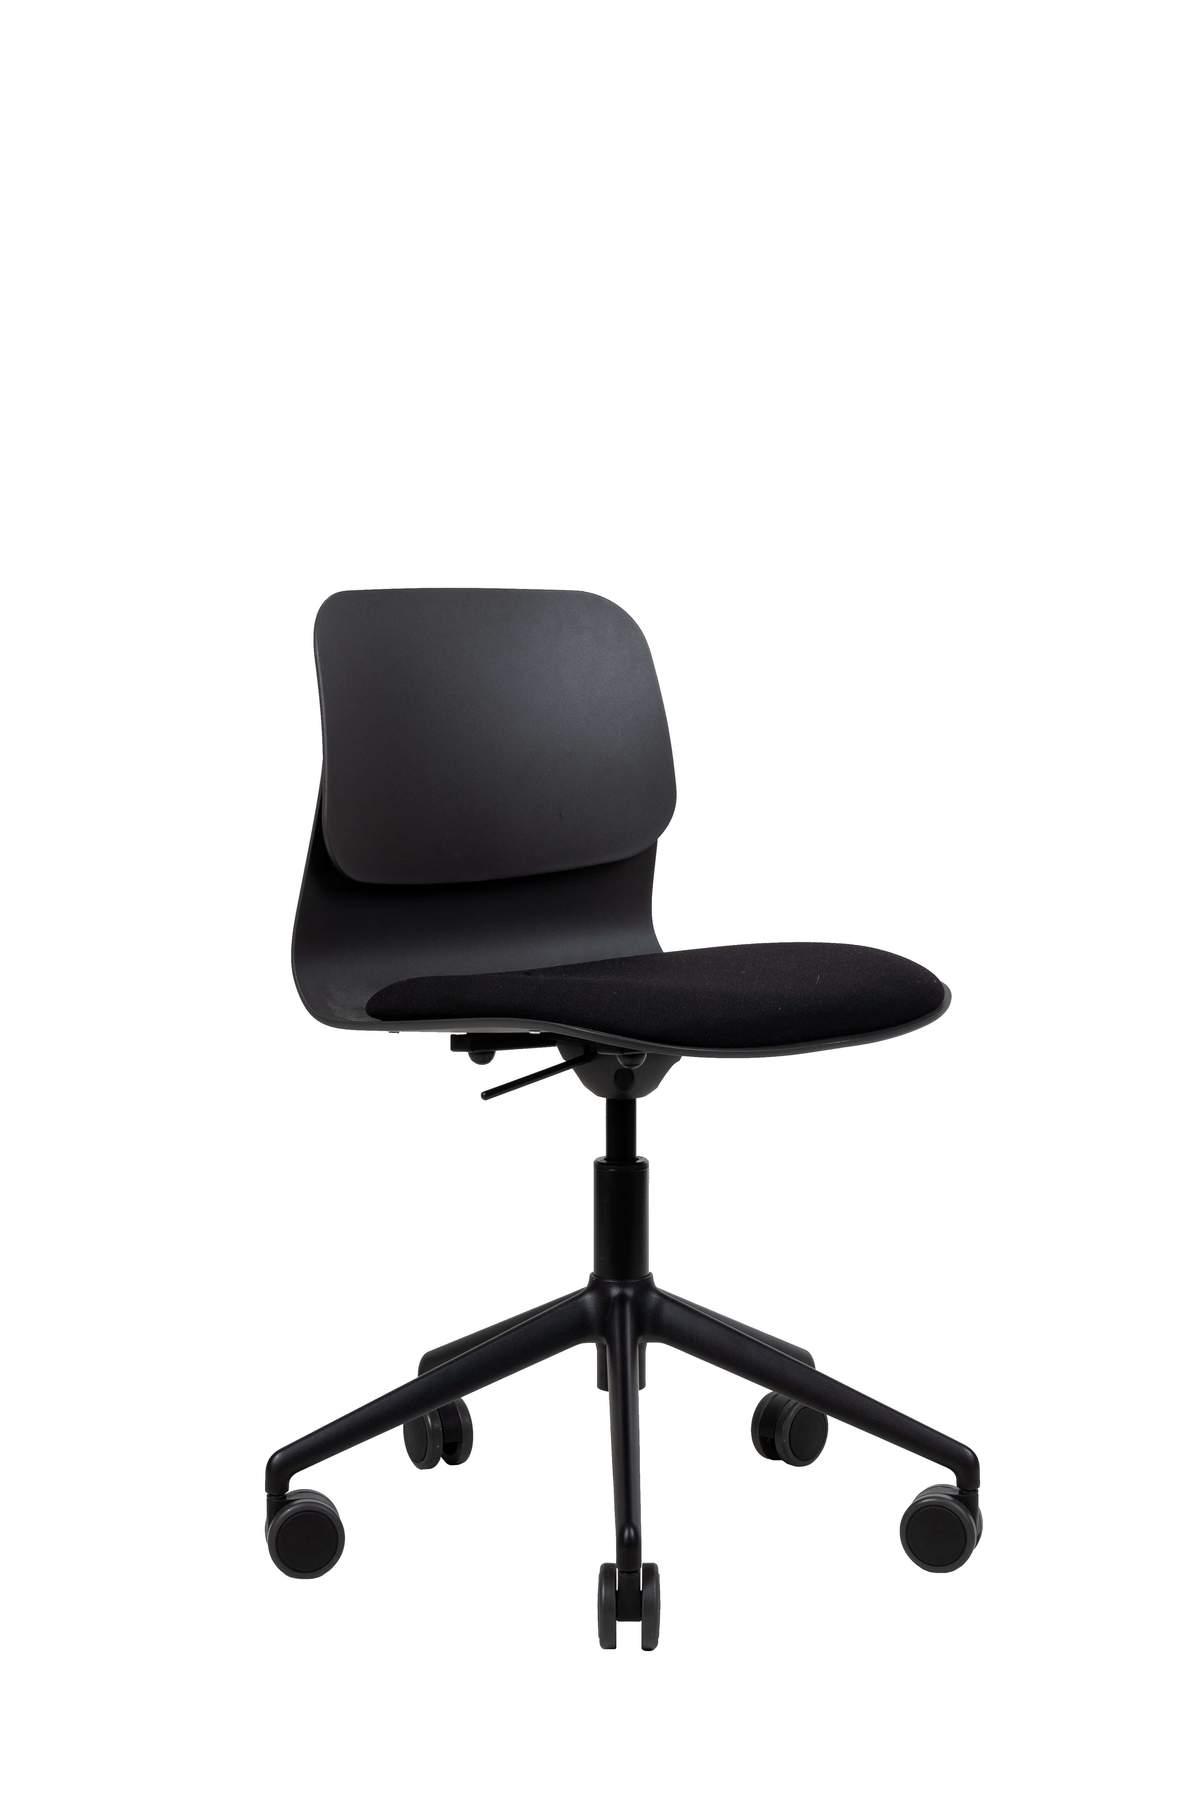 Chaise de bureau design noire pivotante sur roulettes